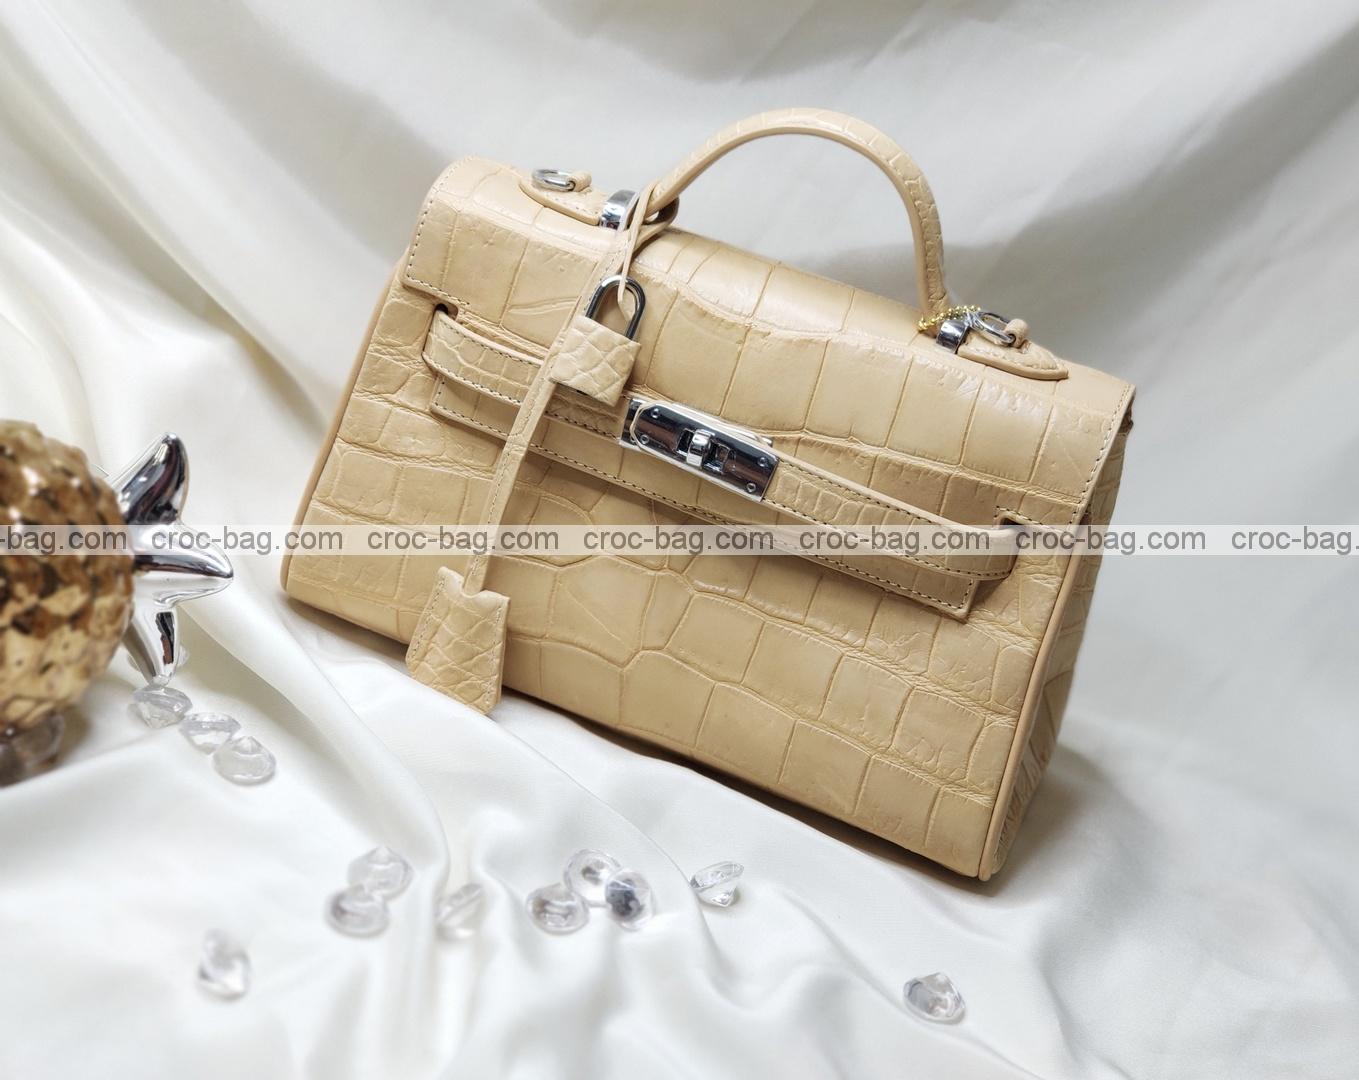 กระเป๋าหนังจระเข้สำหรับผู้หญิง 5264